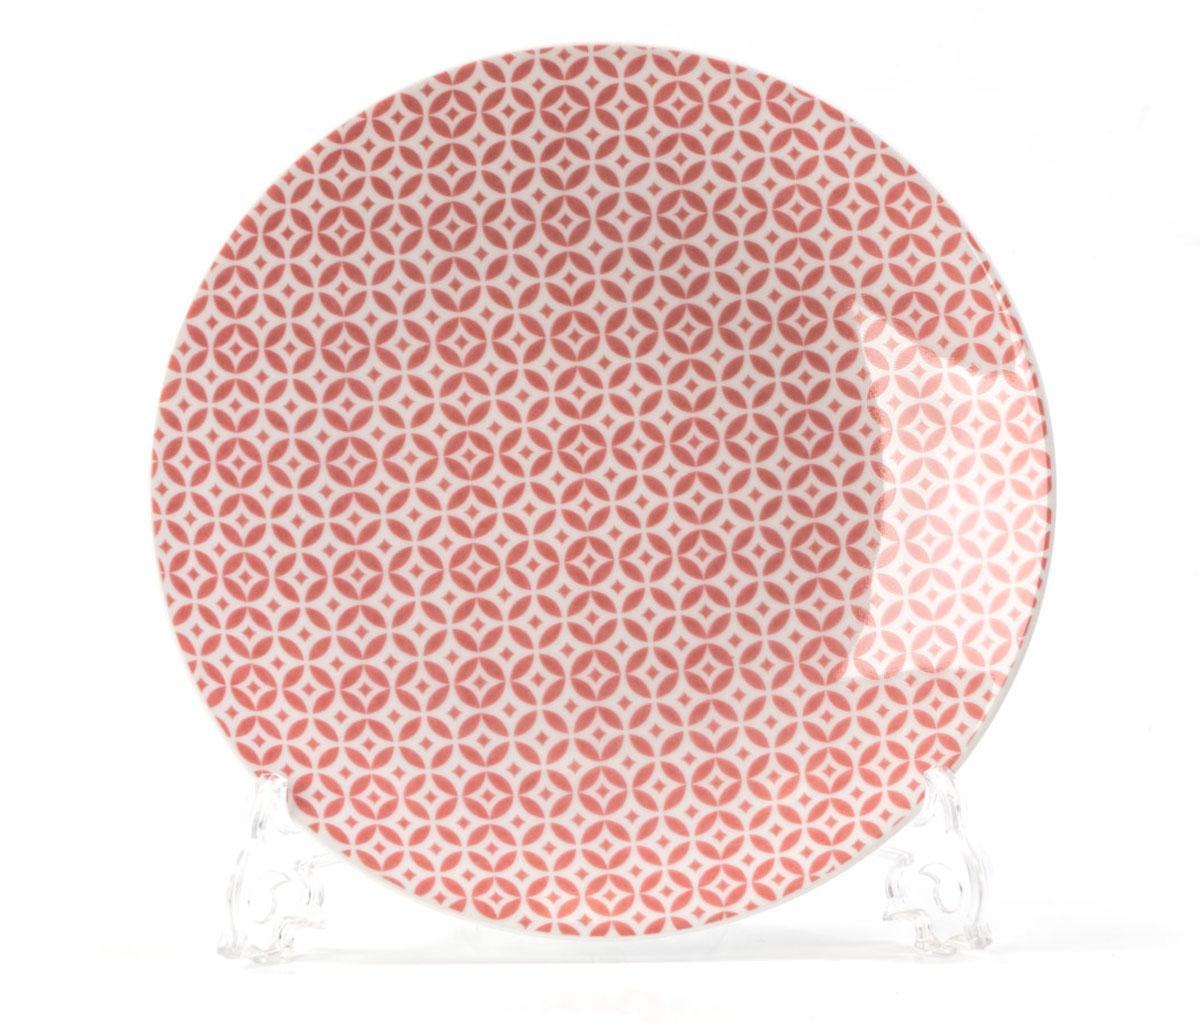 Тарелка La Rose des Sables Витон, цвет: розовый, диаметр 21 см720121 2278